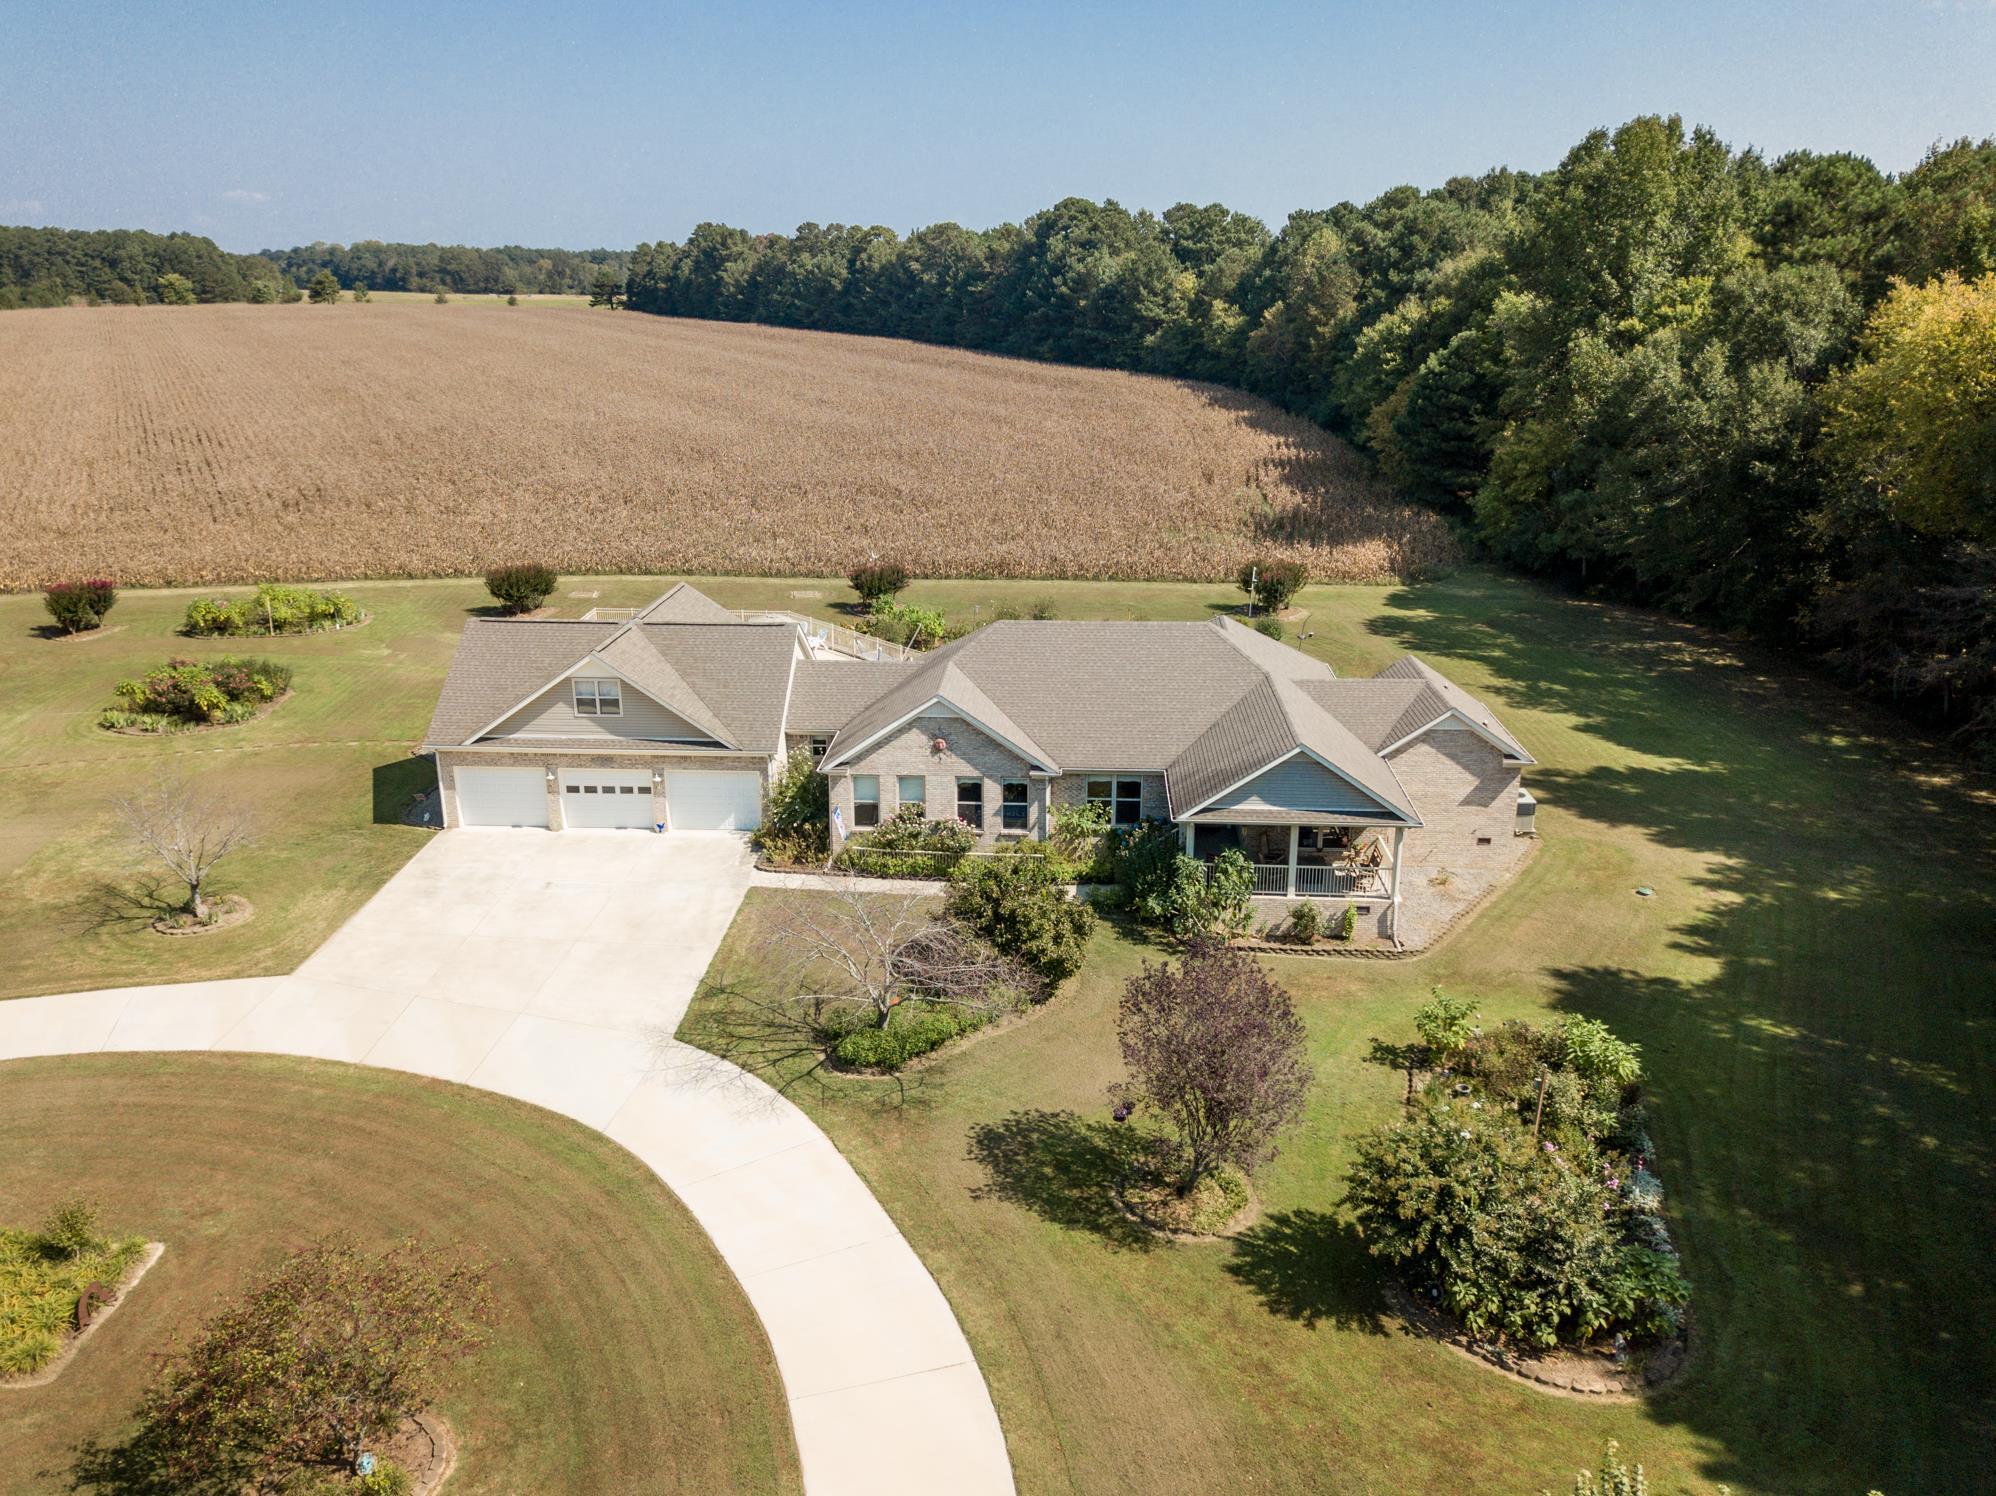 27131 Bethel Rd, Elkmont, AL 35620 - Elkmont, AL real estate listing